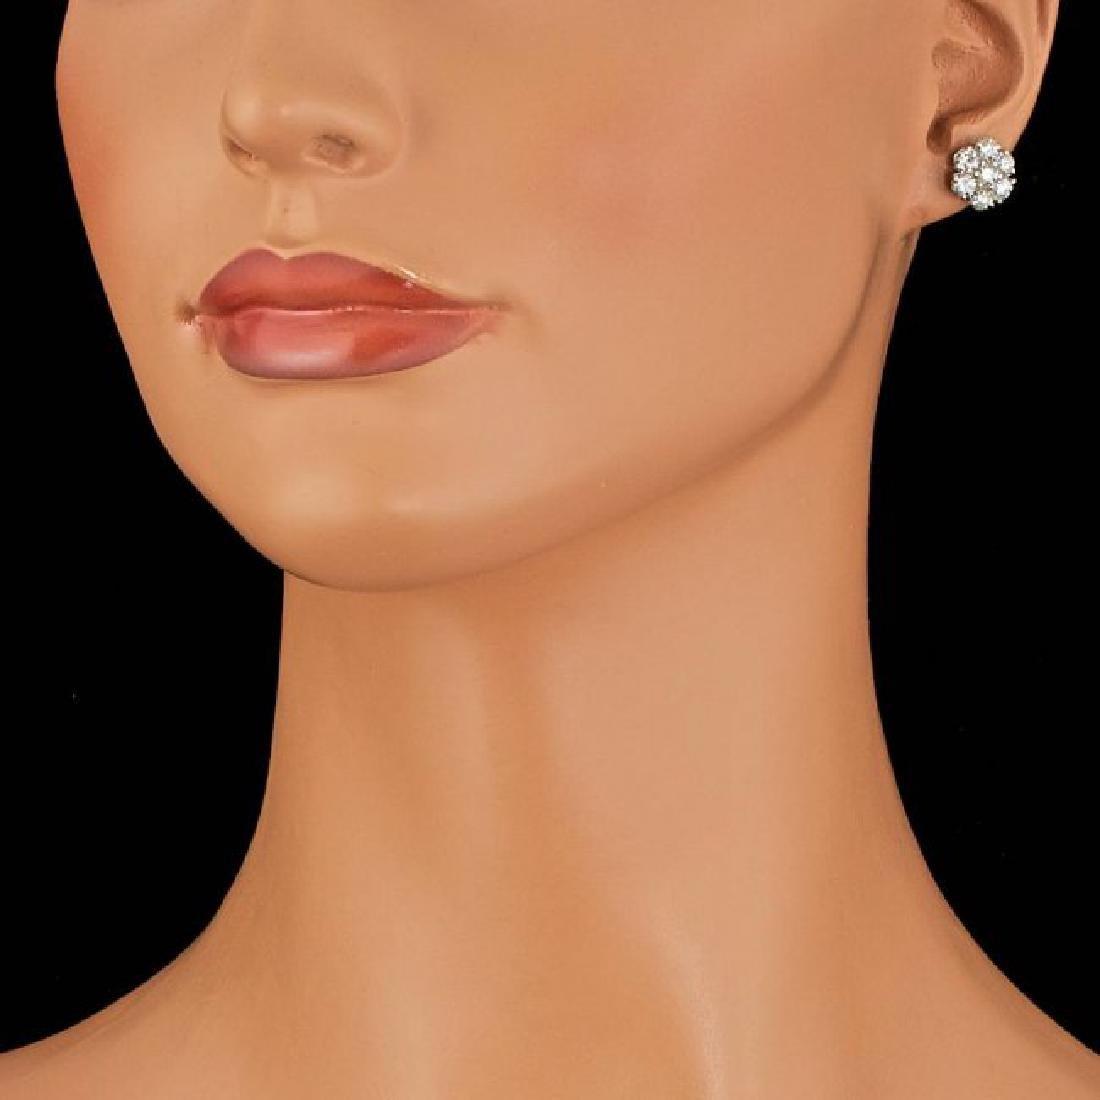 14k White Gold 2.75ct Diamond Earrings - 3